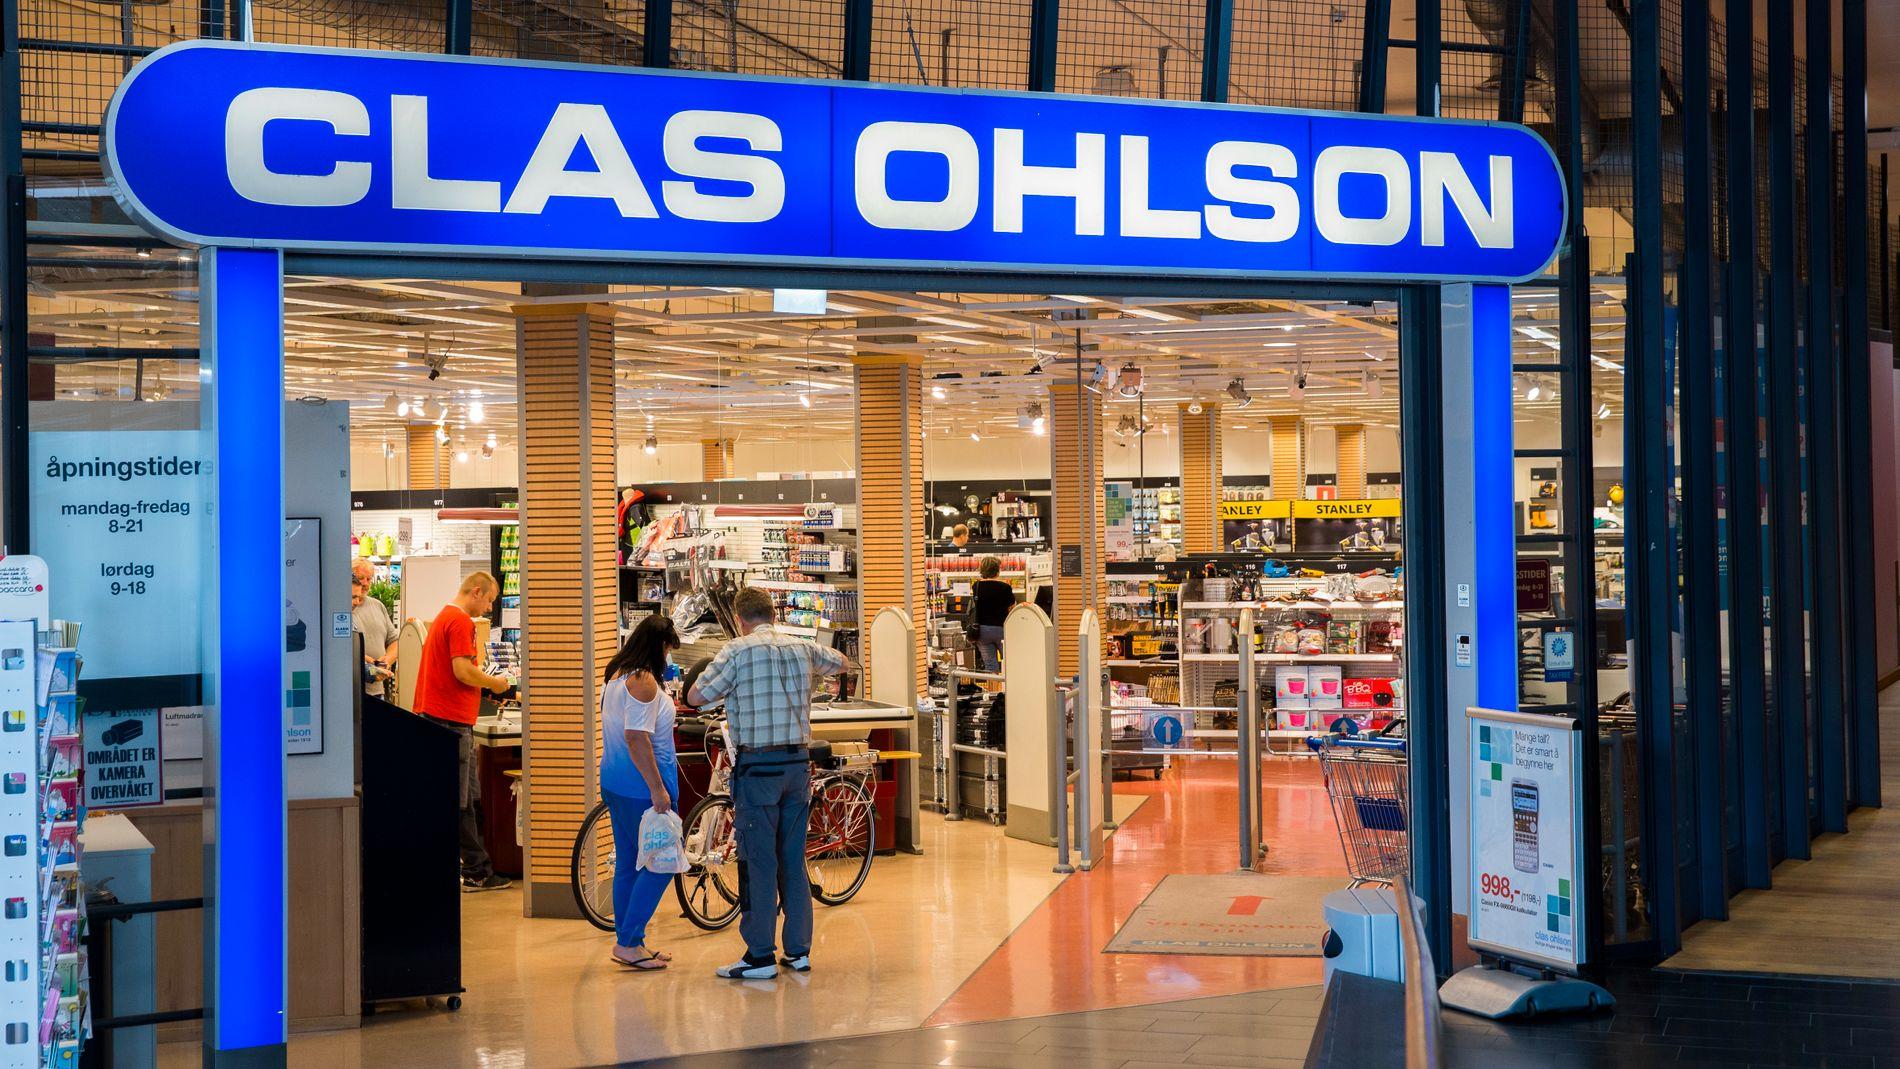 Stolhjul | Clas Ohlson